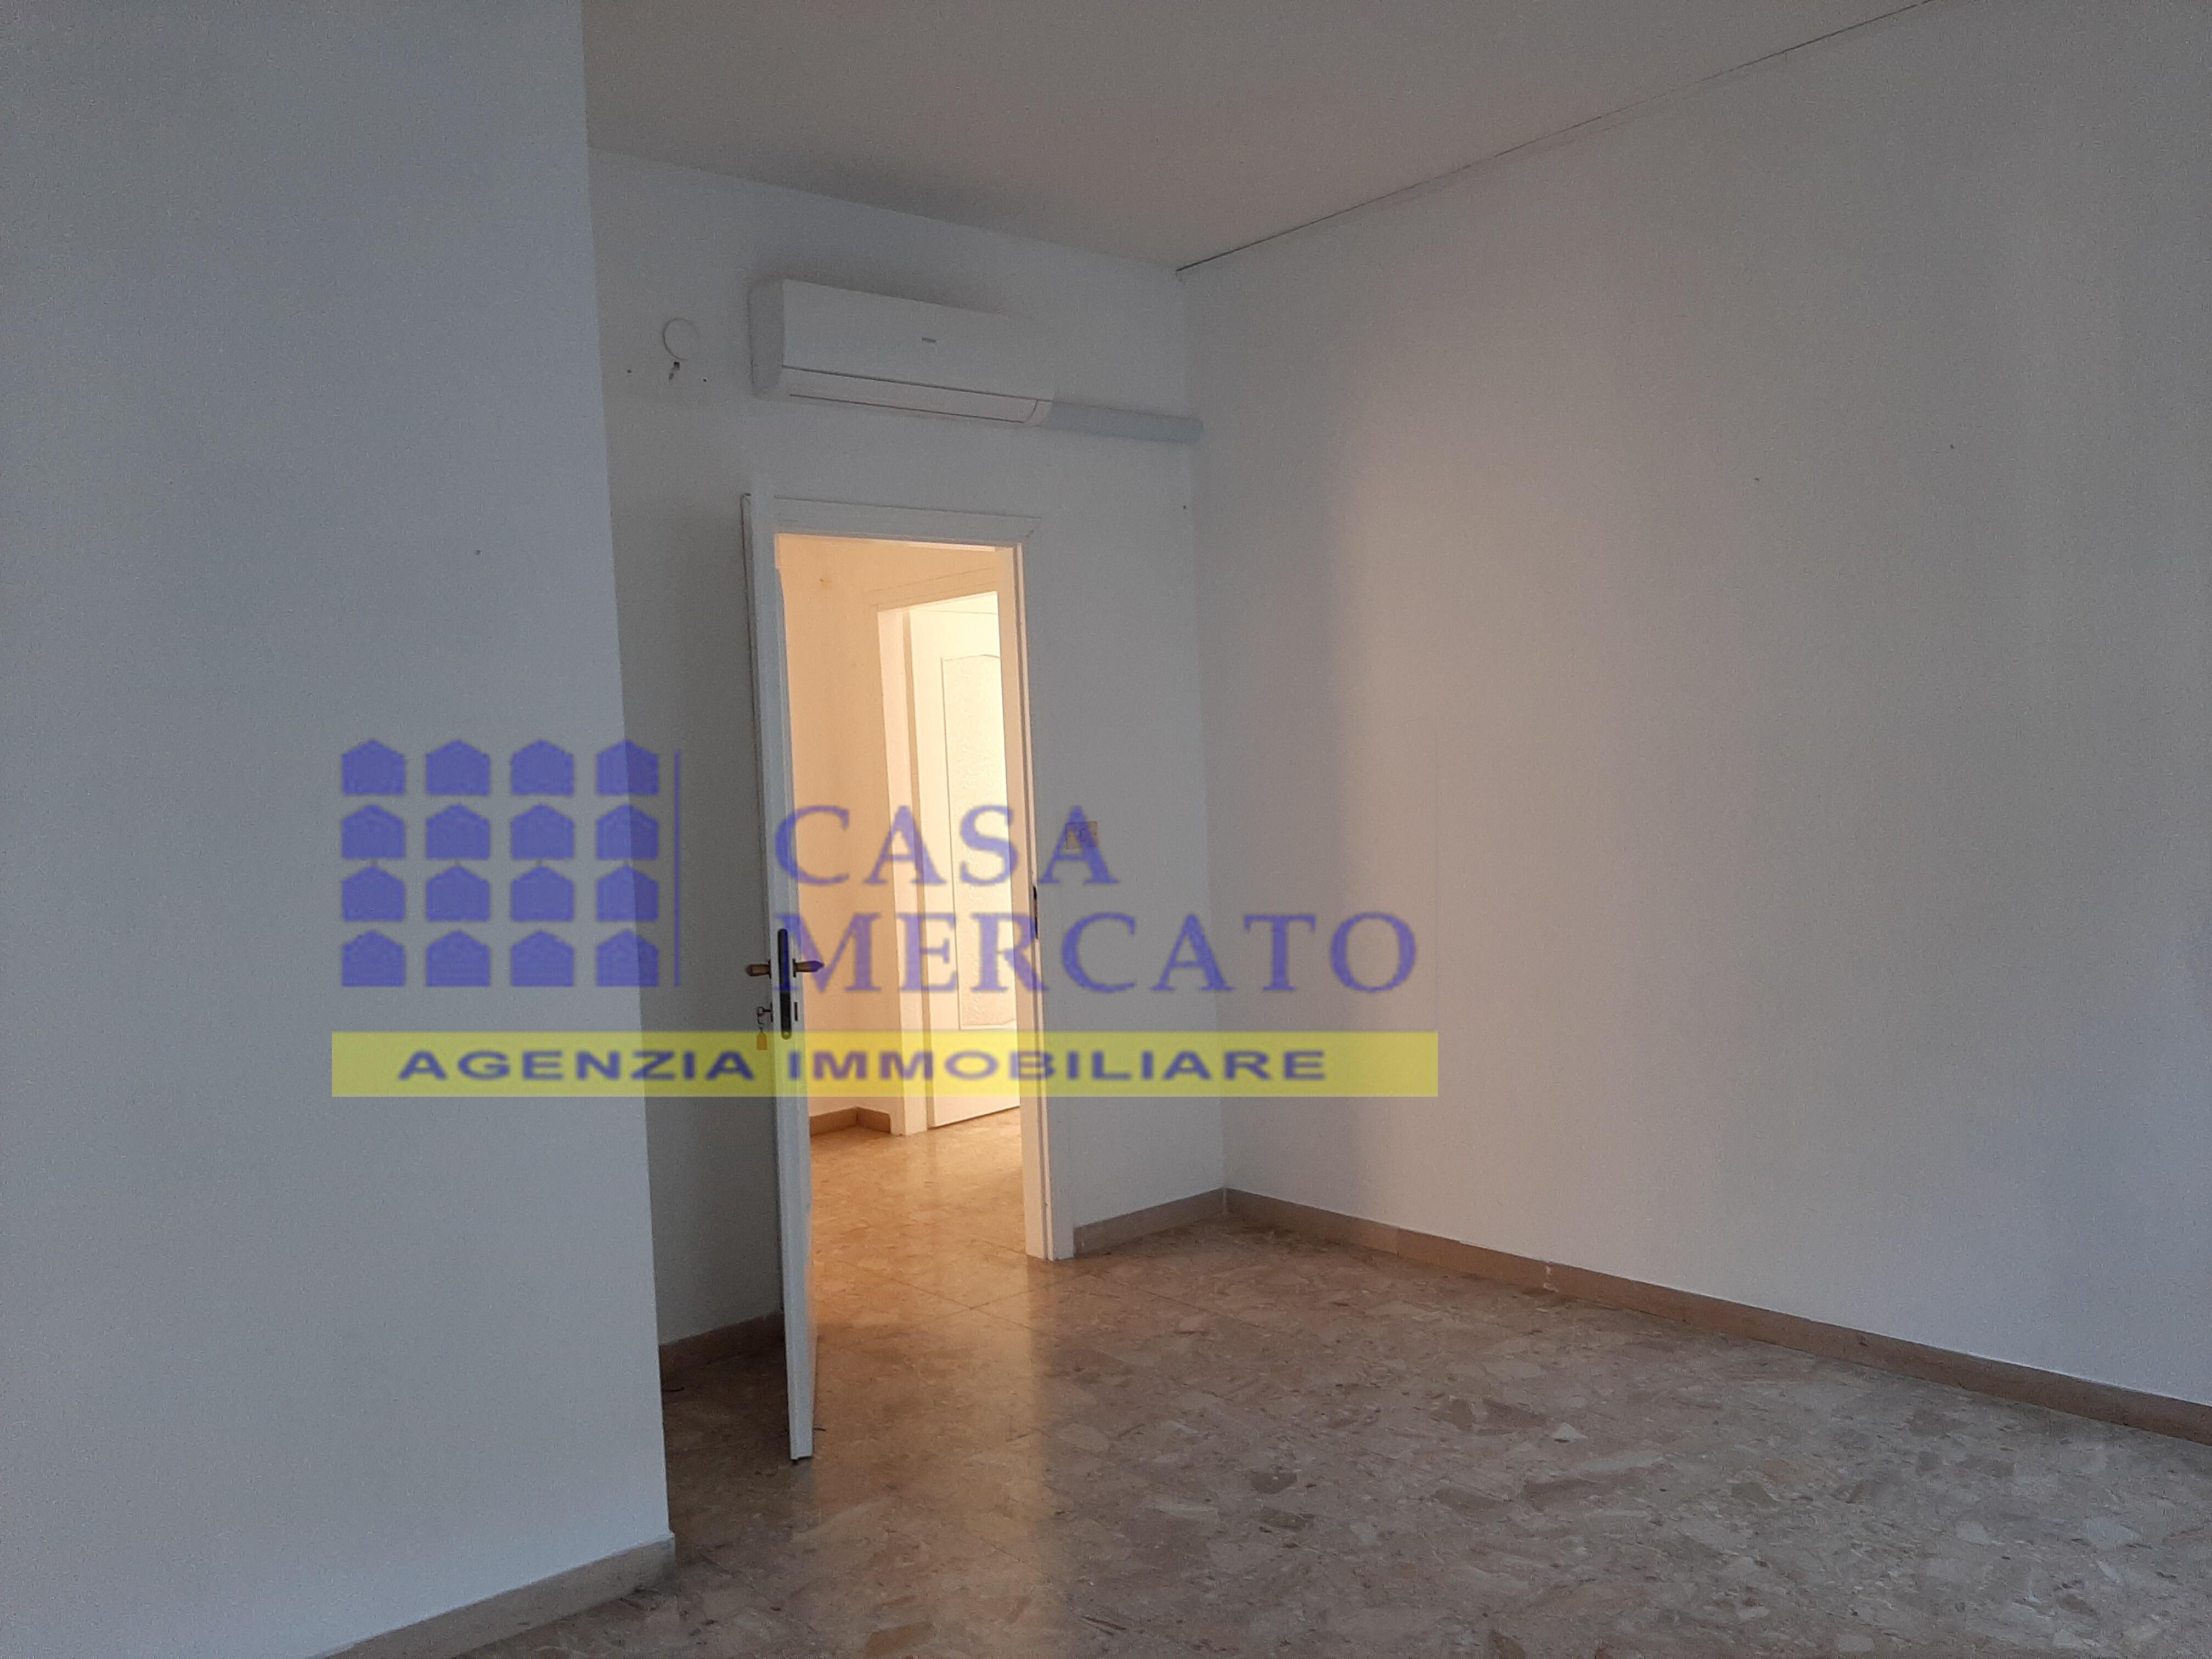 AFFITTASI PESCARA CENTRO - USO UFFICIO - Casamercato